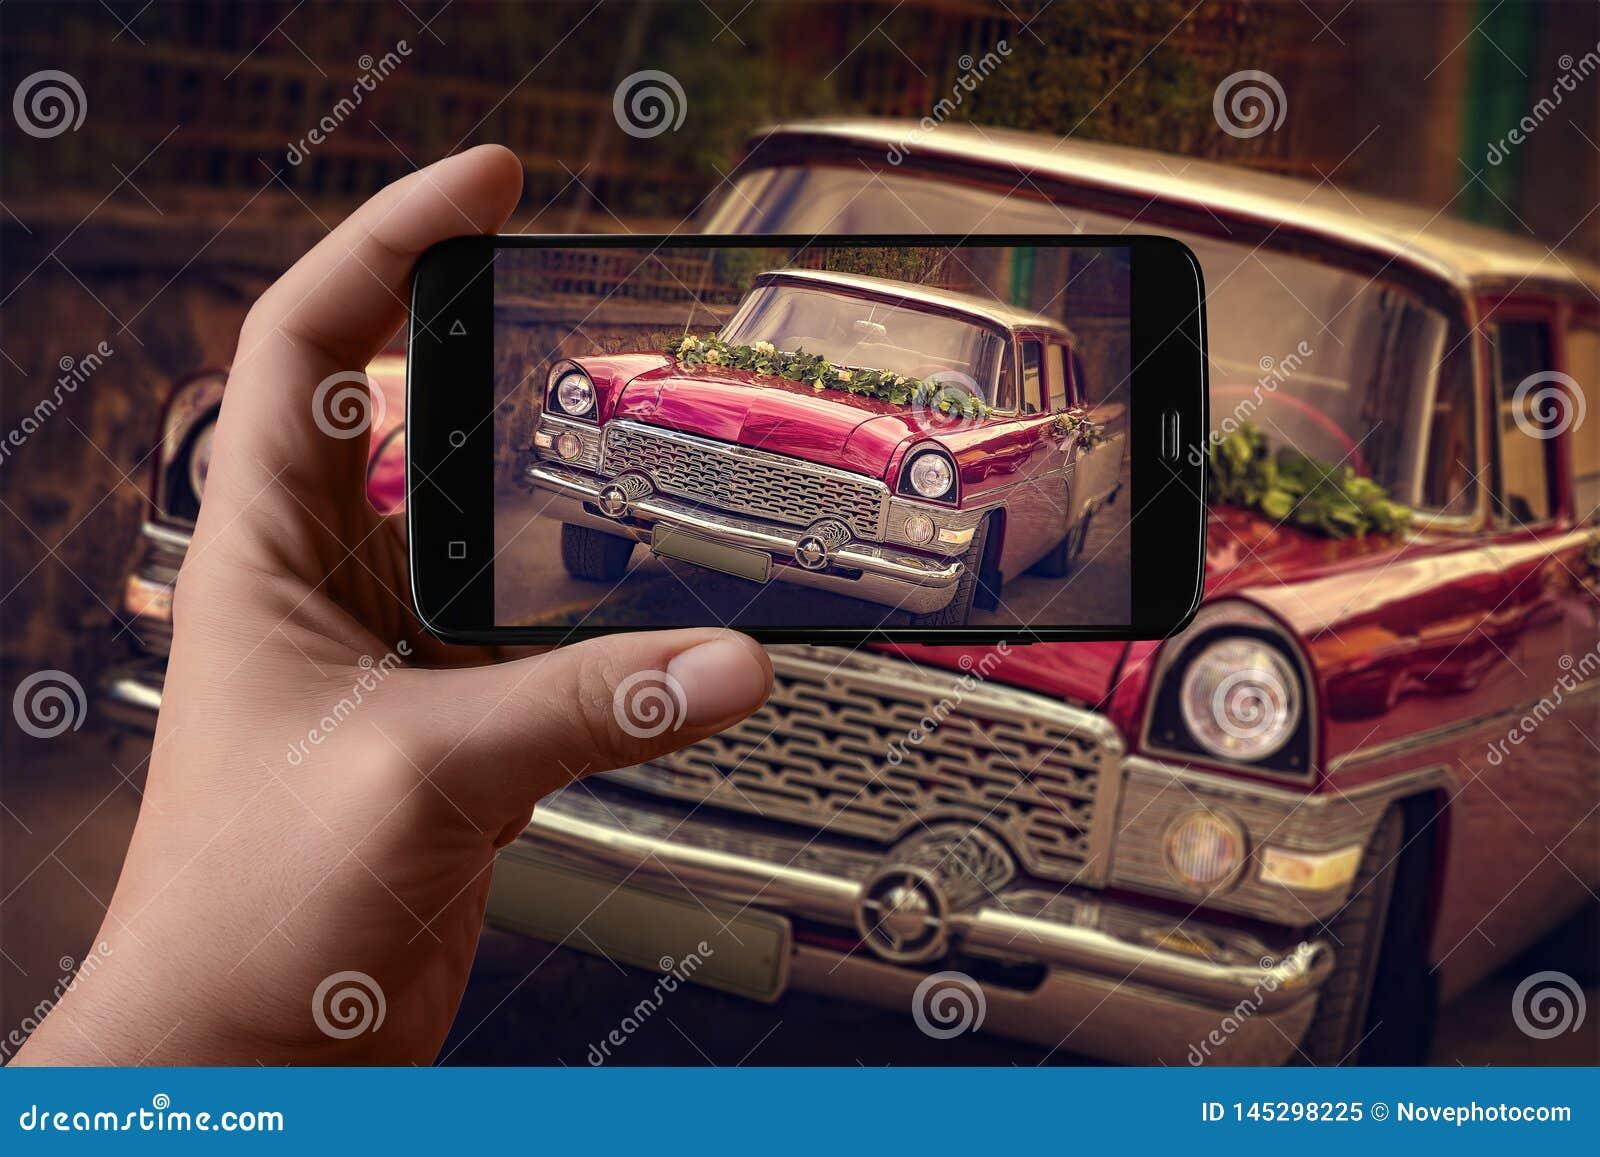 Руки людей фотографируя автомобиль по телефону Винтажный праздничный